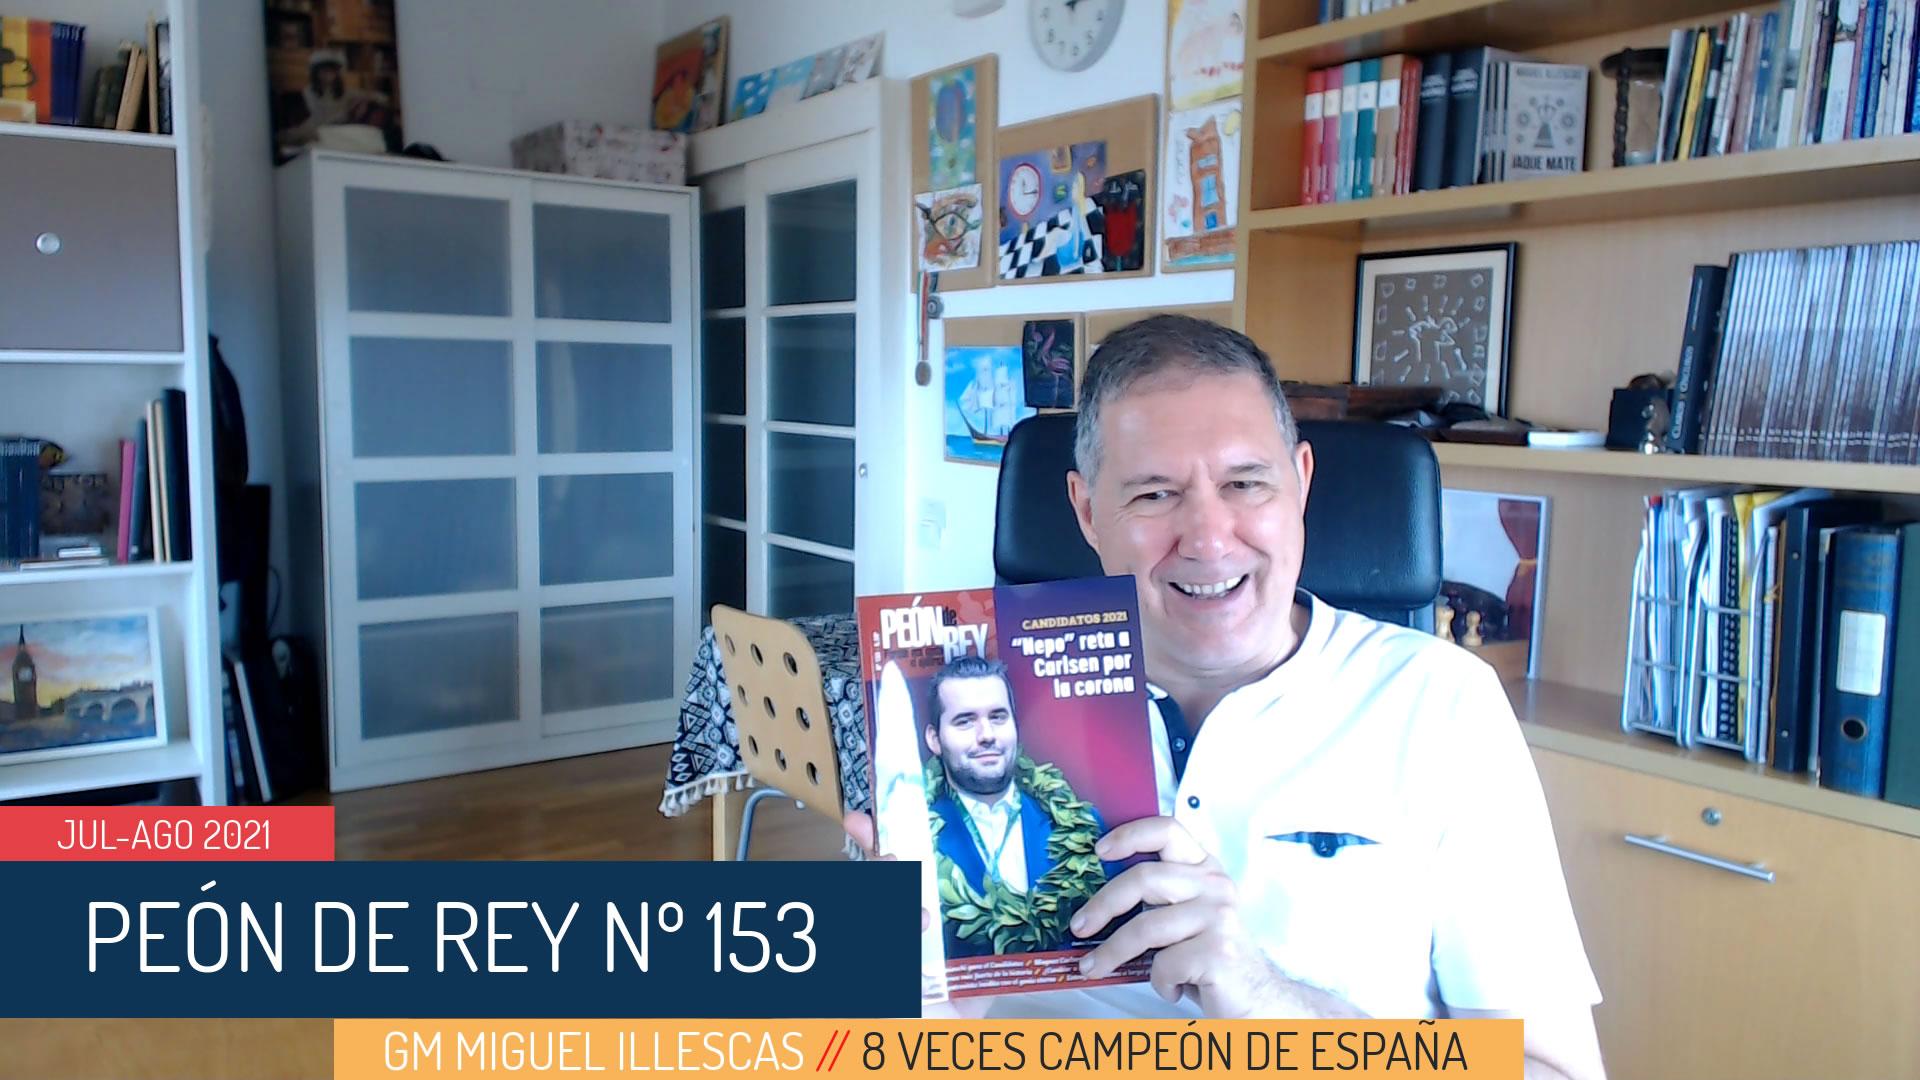 Resumen Peón de Rey nº 153 (jul-ago 2021) GM Miguel Illescas